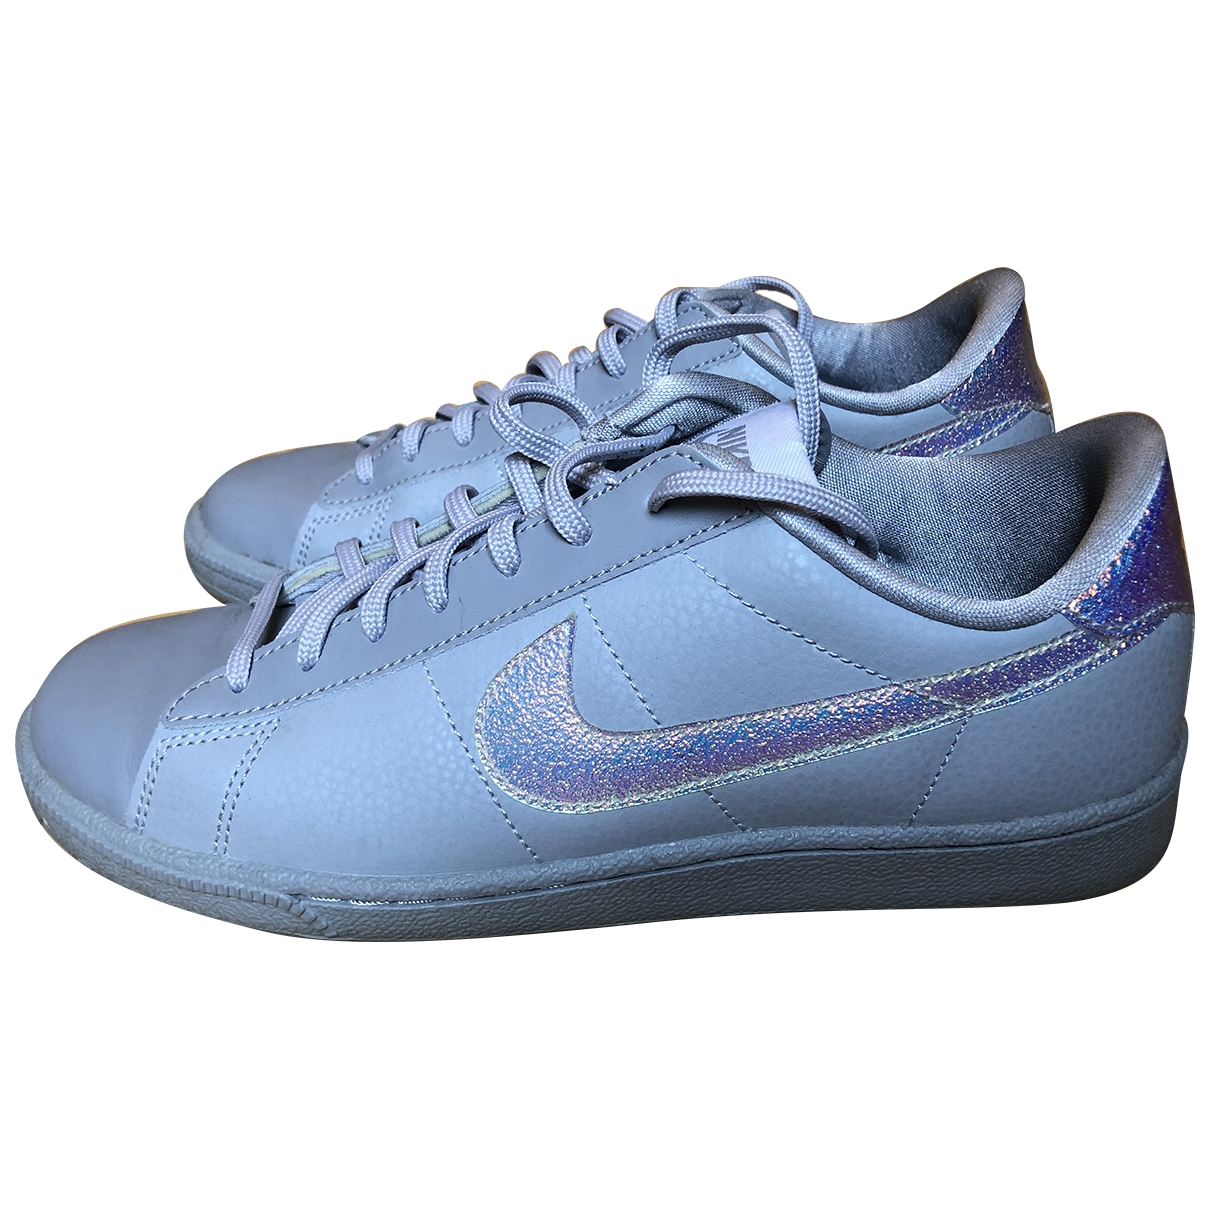 Nike Blazer Grey Leather Trainers for Women 38.5 EU